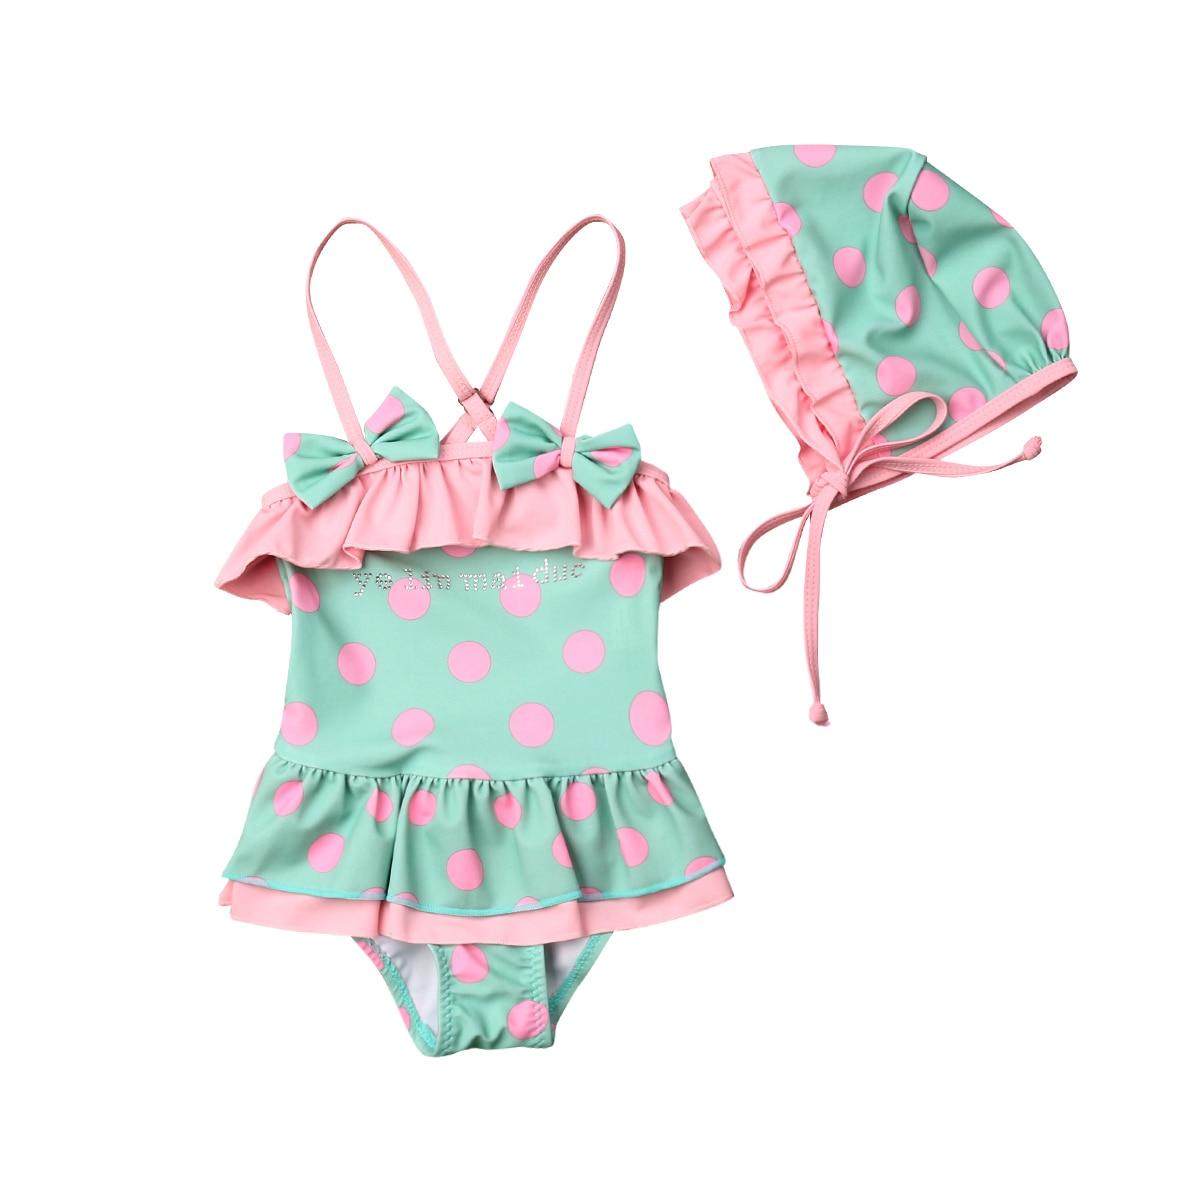 1-6 T Kleinkind Kind Baby Mädchen Ein-stück Bikini Bademode Badeanzug Badeanzug Bademode Kleid Mit Schwimmen Hut